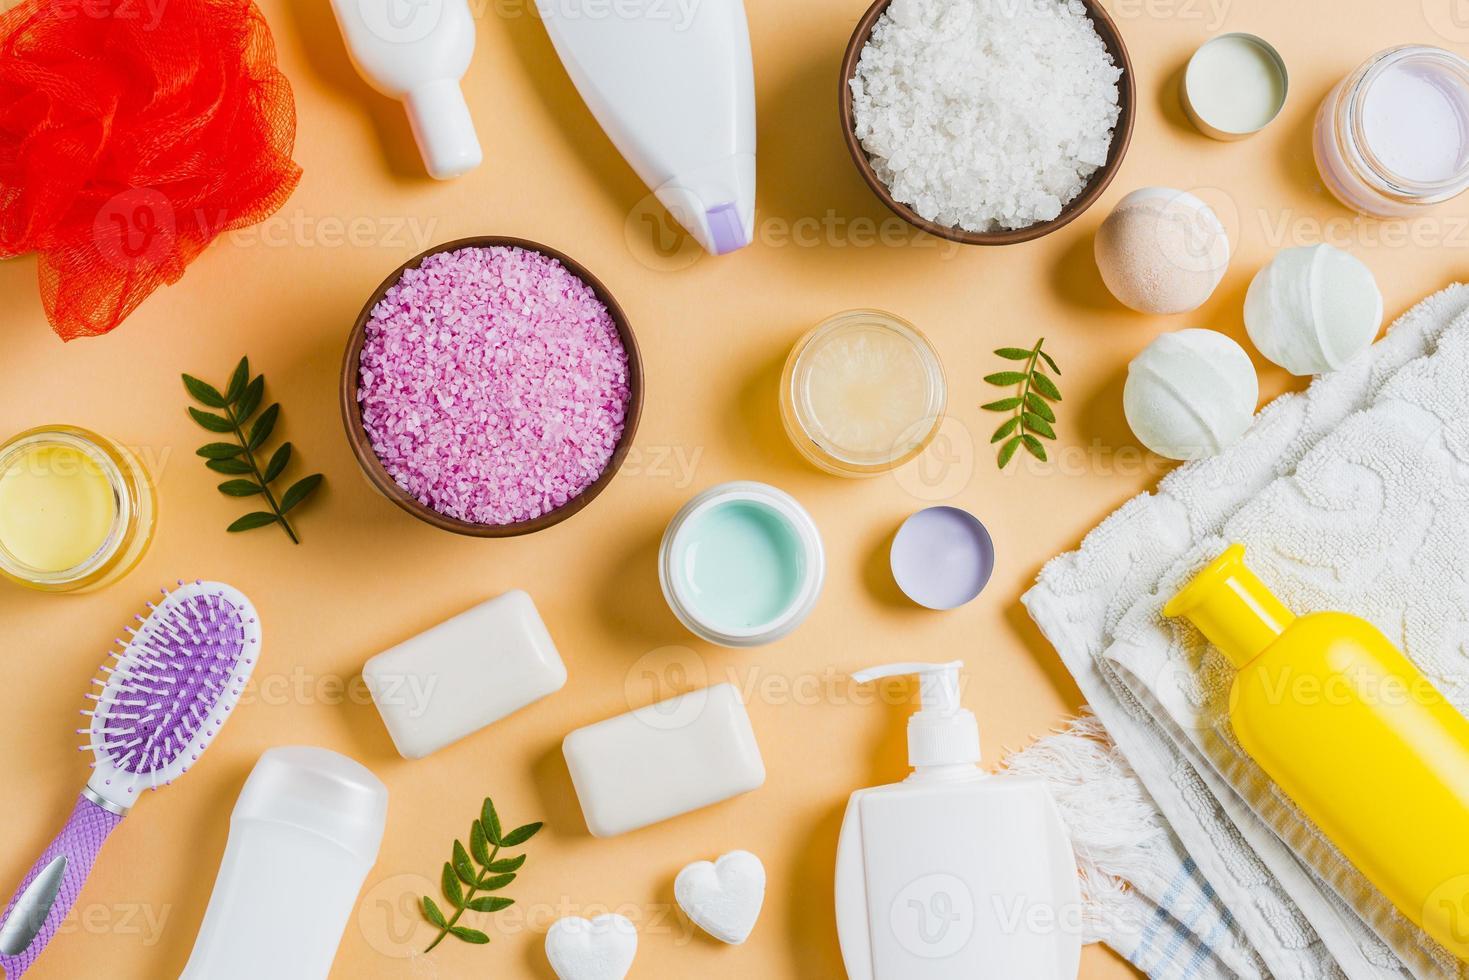 Produits cosmétiques naturels de soins de la peau sur fond orange photo